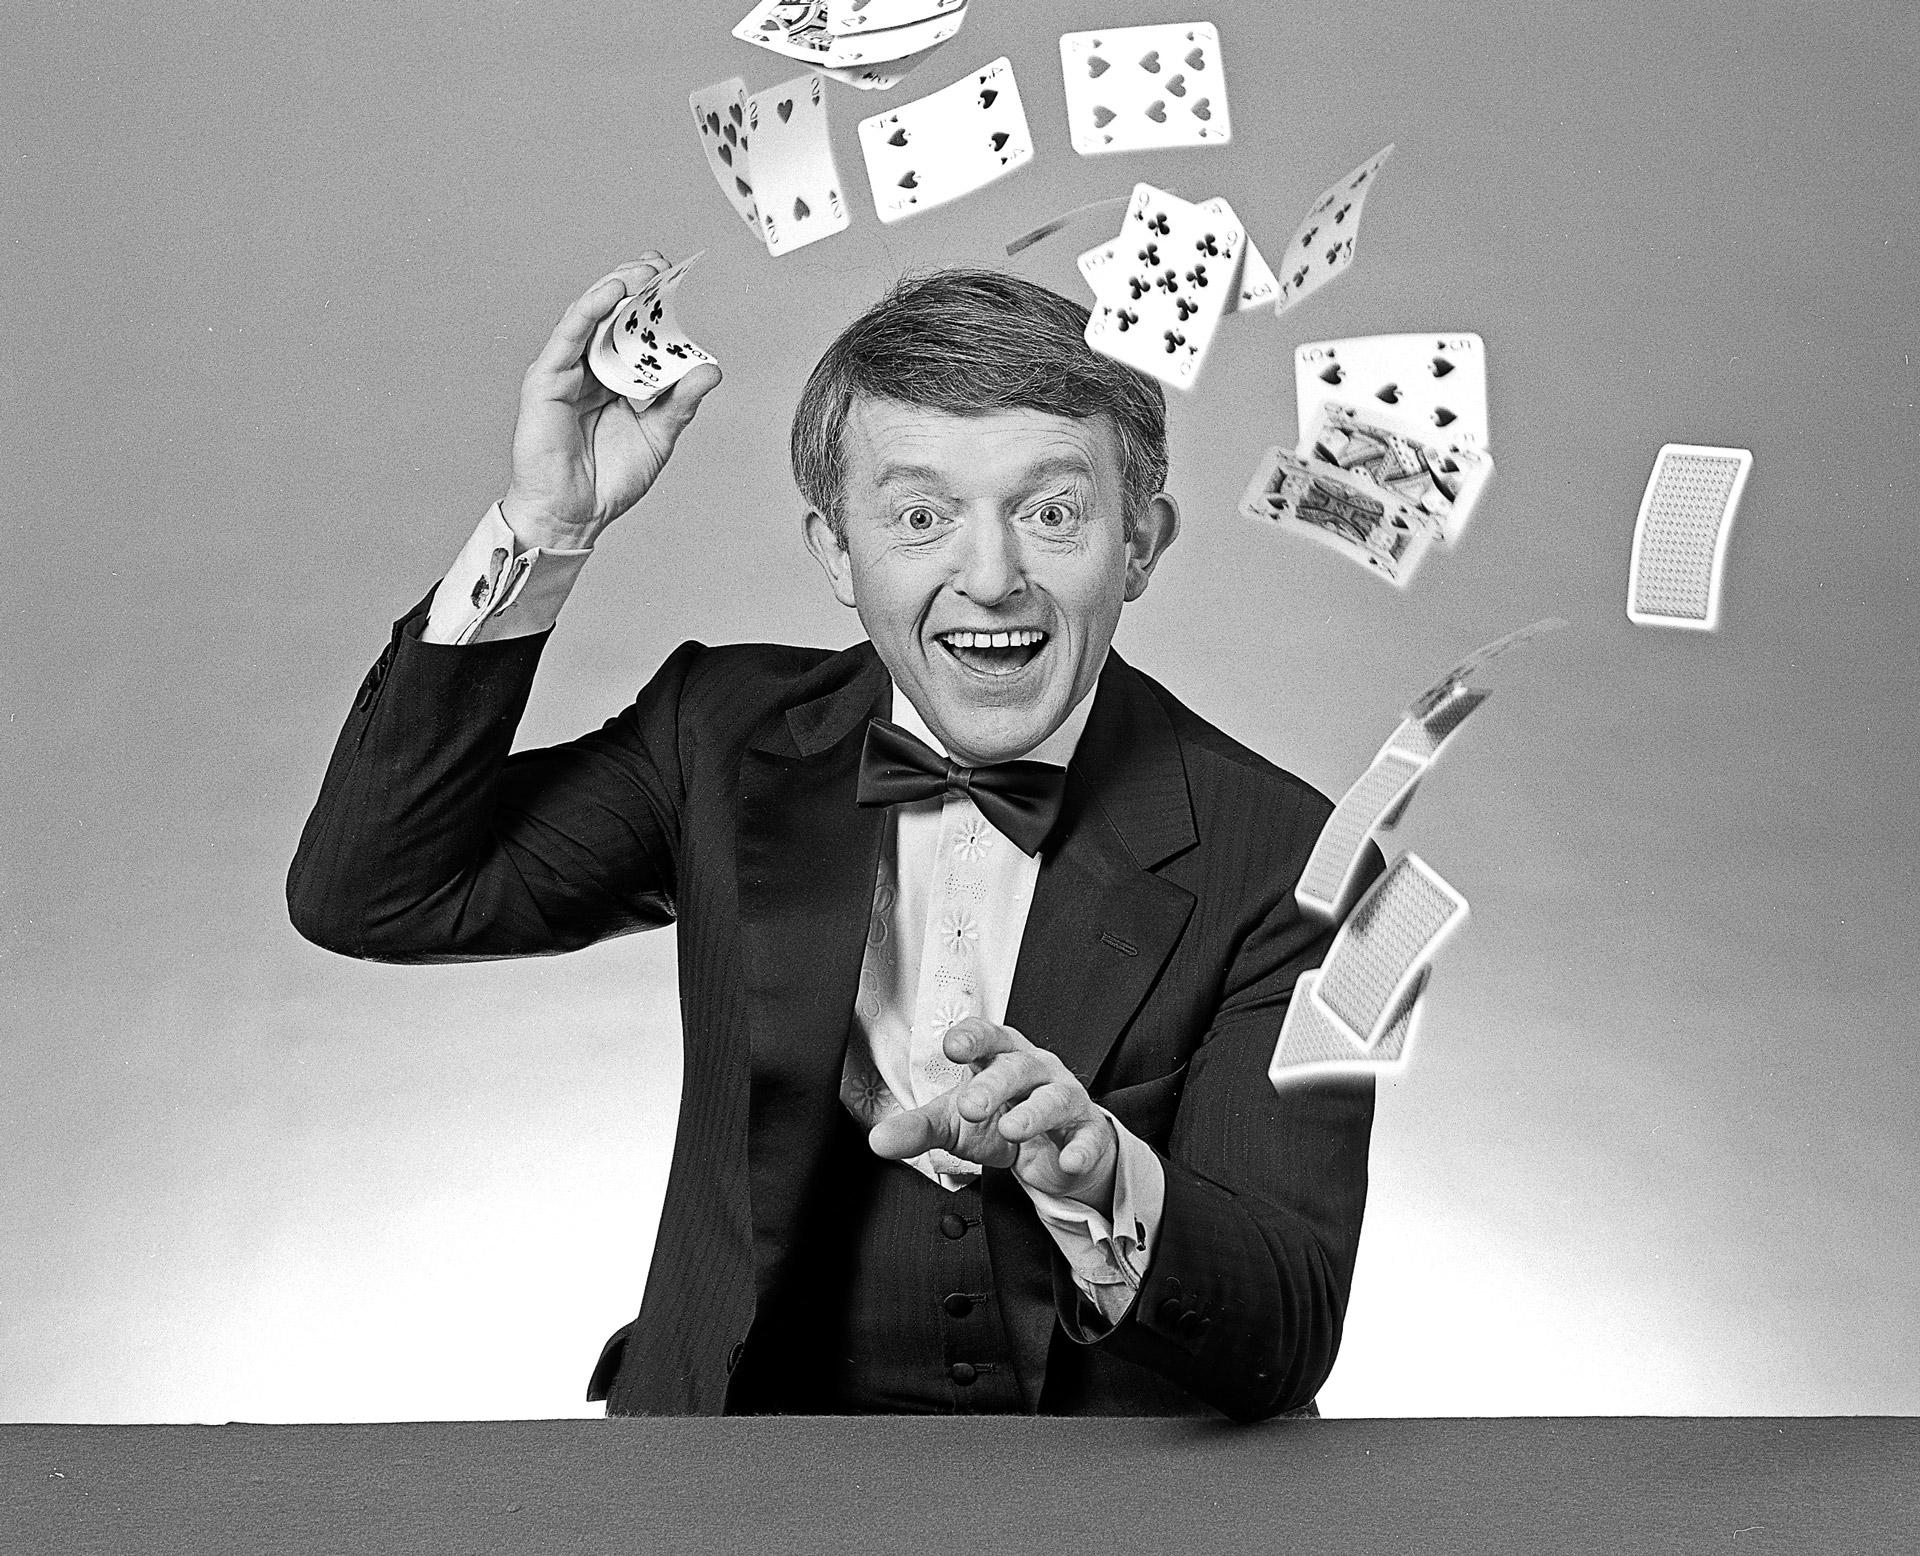 Paul Daniels, Magician